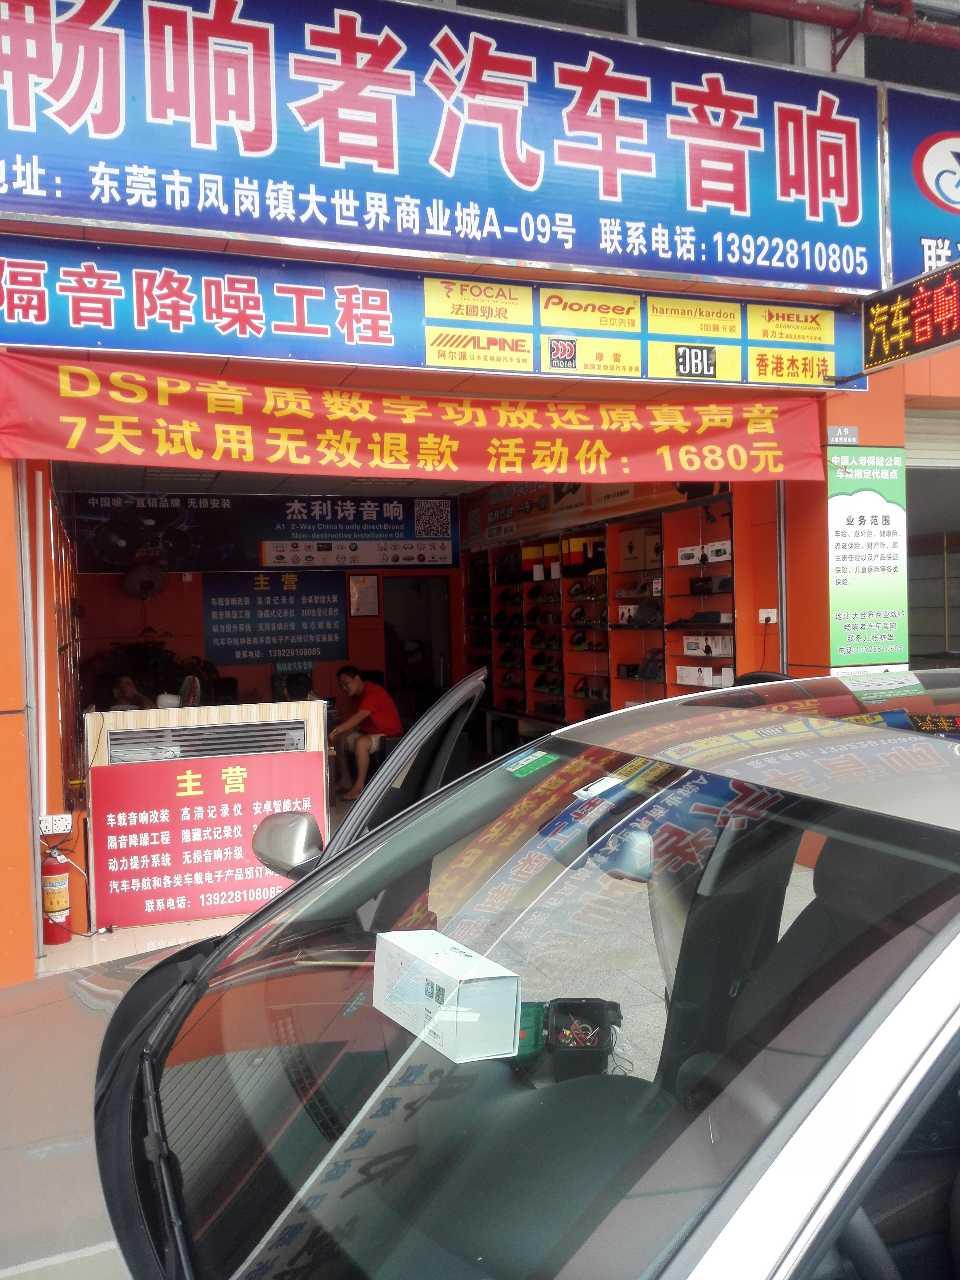 来自张林雄发布的公司动态信息:奥迪隐藏式记录仪安装完工... - 深圳市雄车品科技有限公司